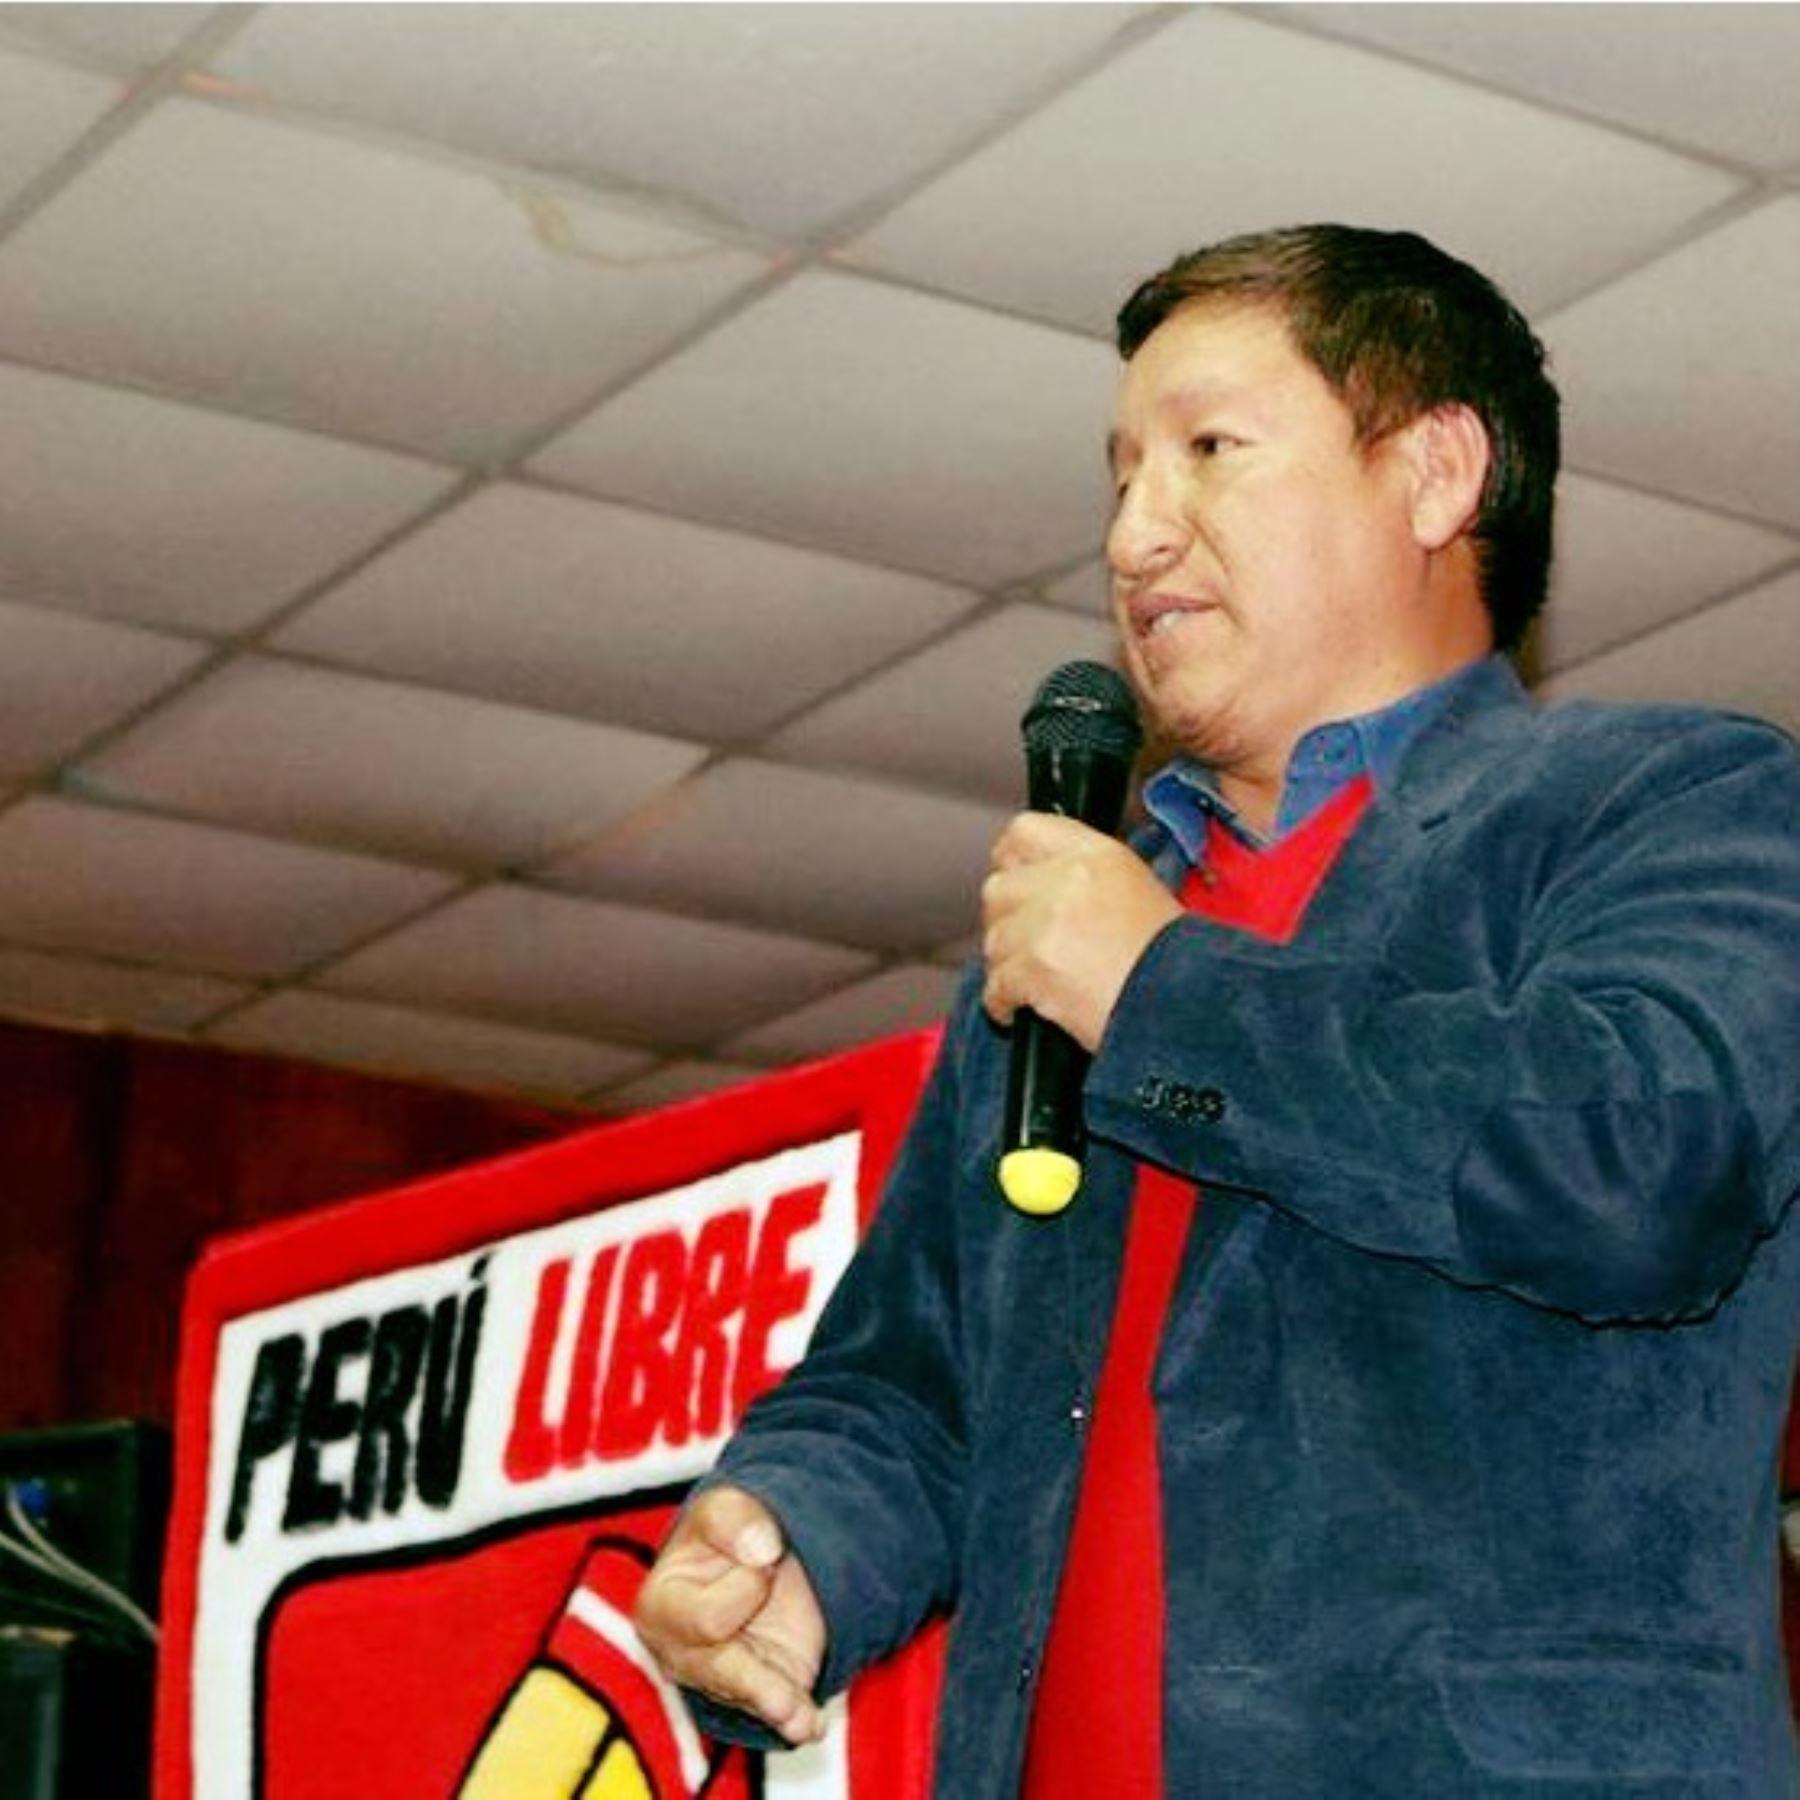 Perú Libre buscará conversar con Fuerza Popular, dice congresista electo